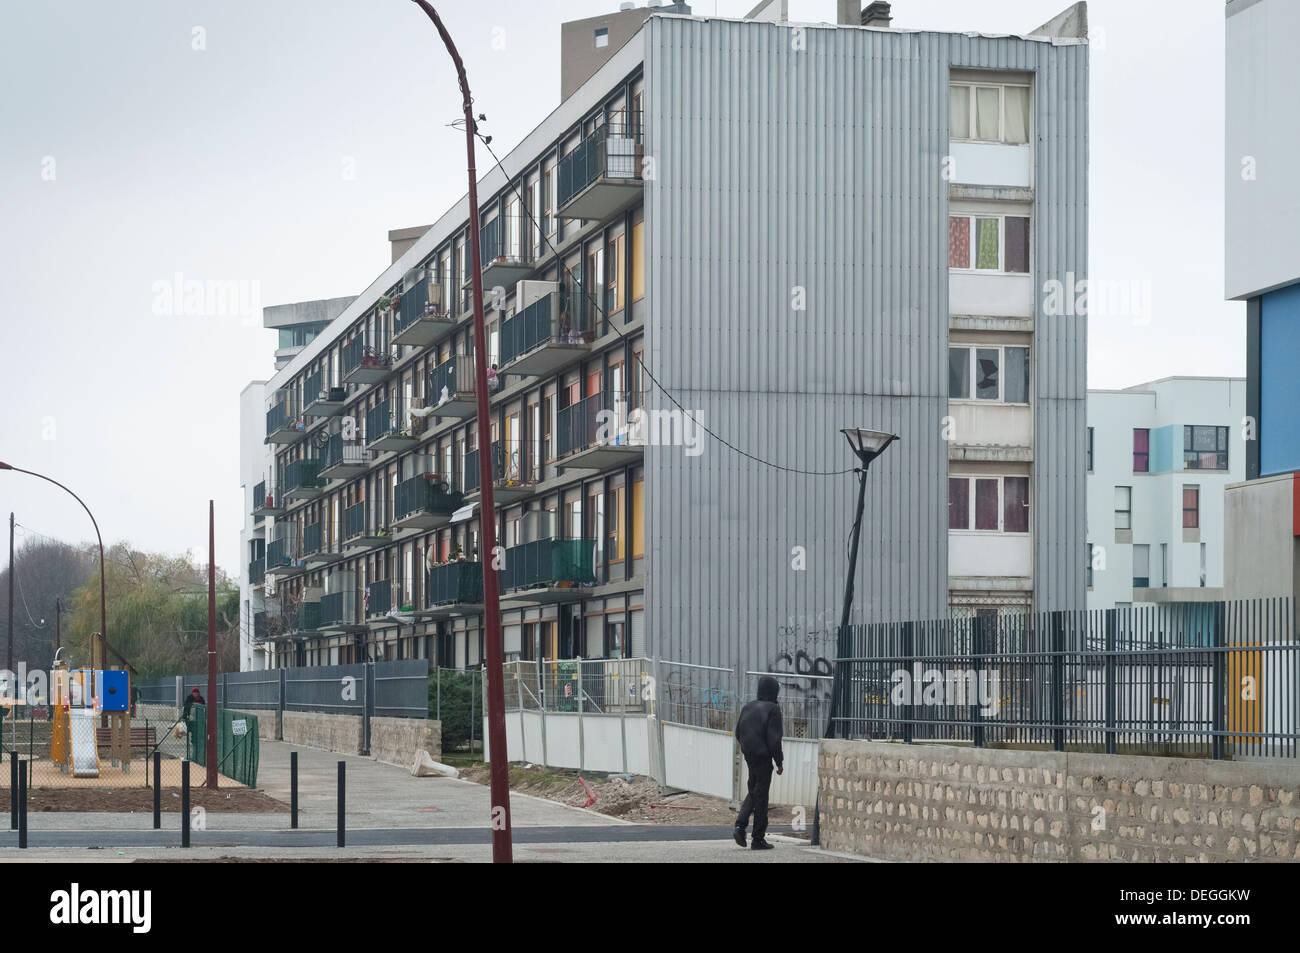 architecture of the cit des bosquets clichy sous bois stock photo 60600621 alamy. Black Bedroom Furniture Sets. Home Design Ideas